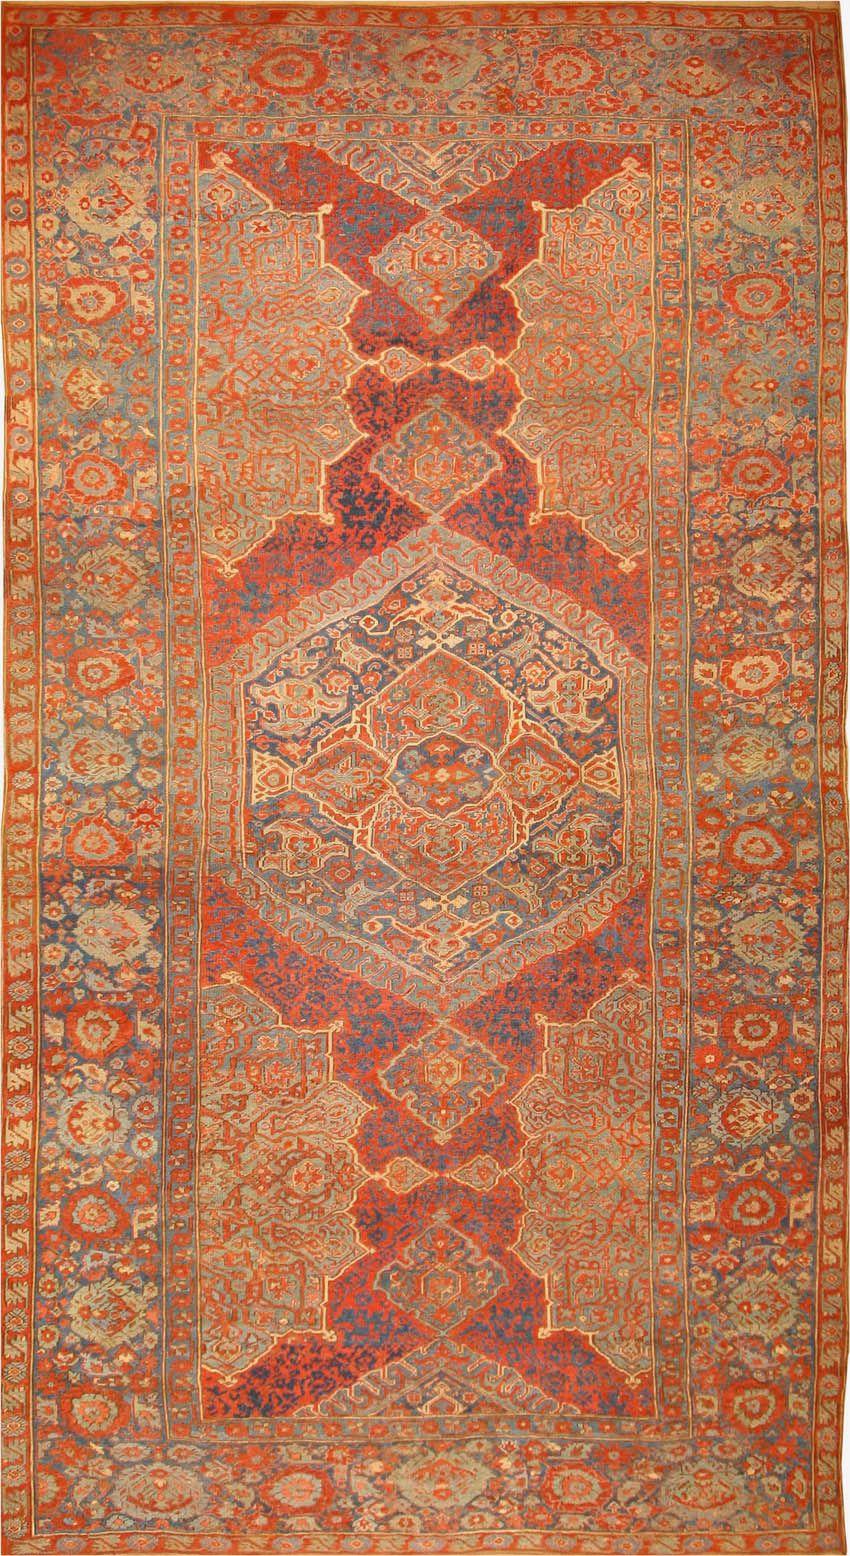 Large Oversized 18th Century Antique Turkish Oushak Rug